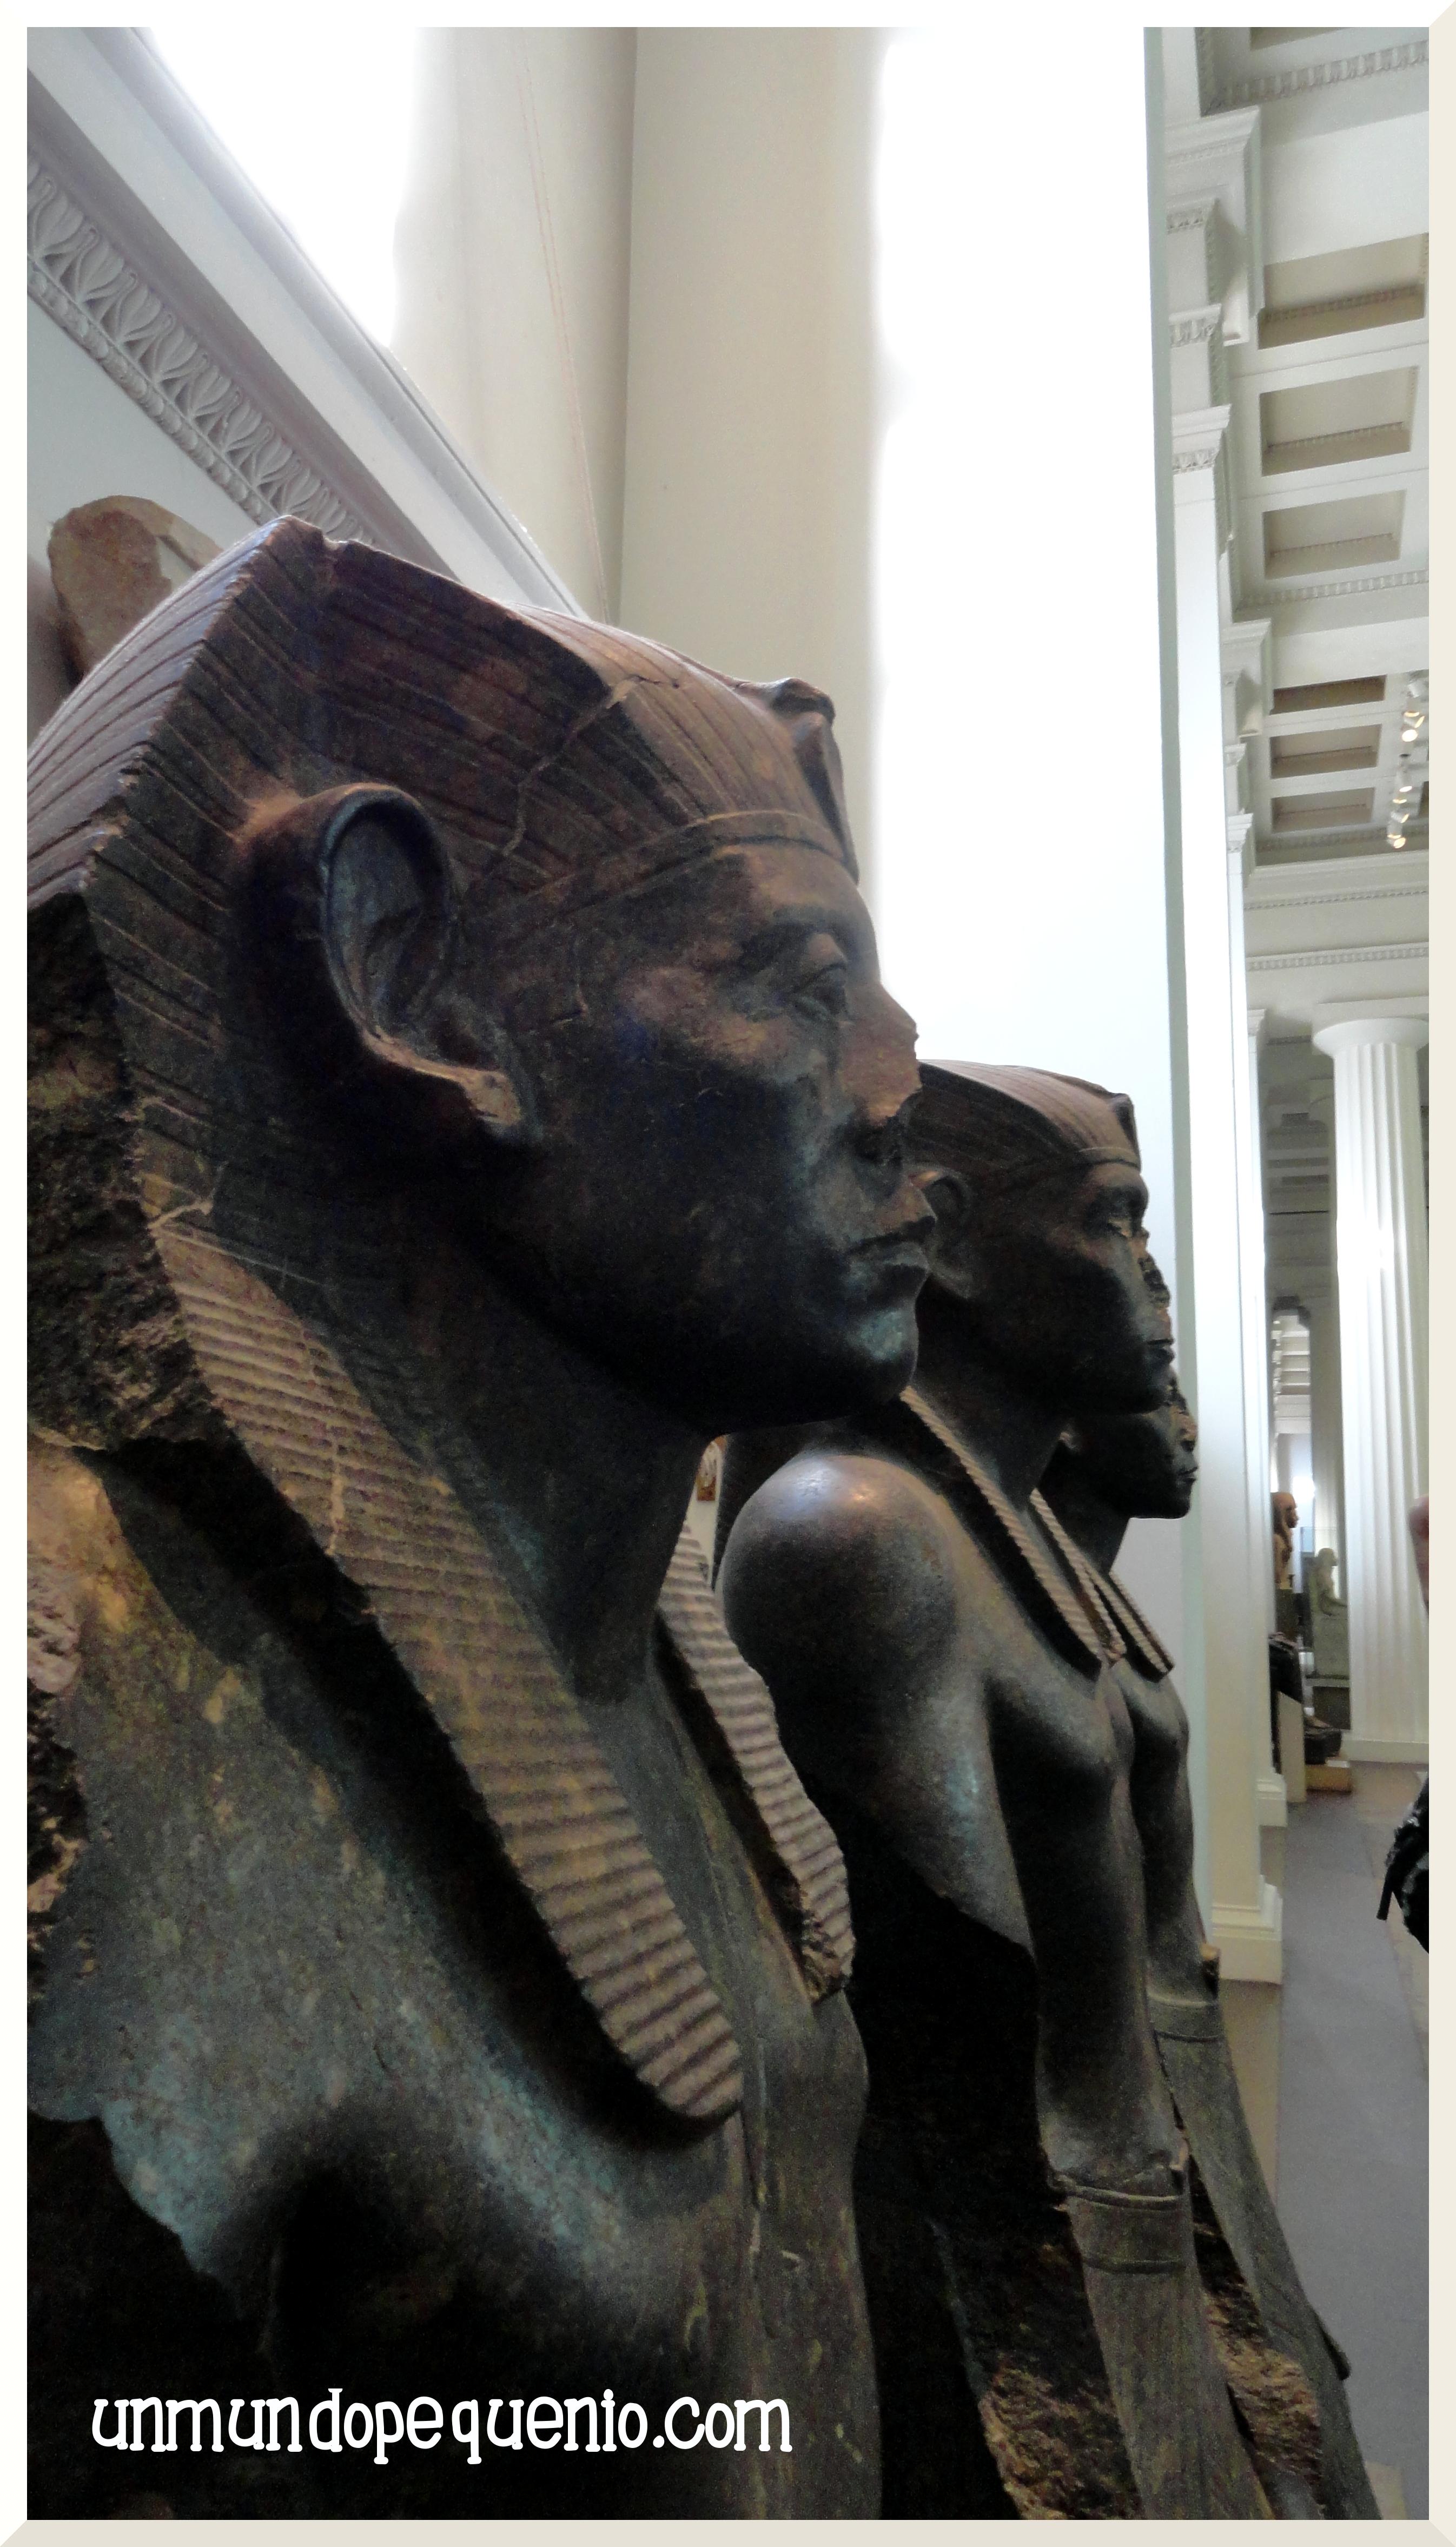 Estatuas del faraon Sesotris III 12 Dinastía